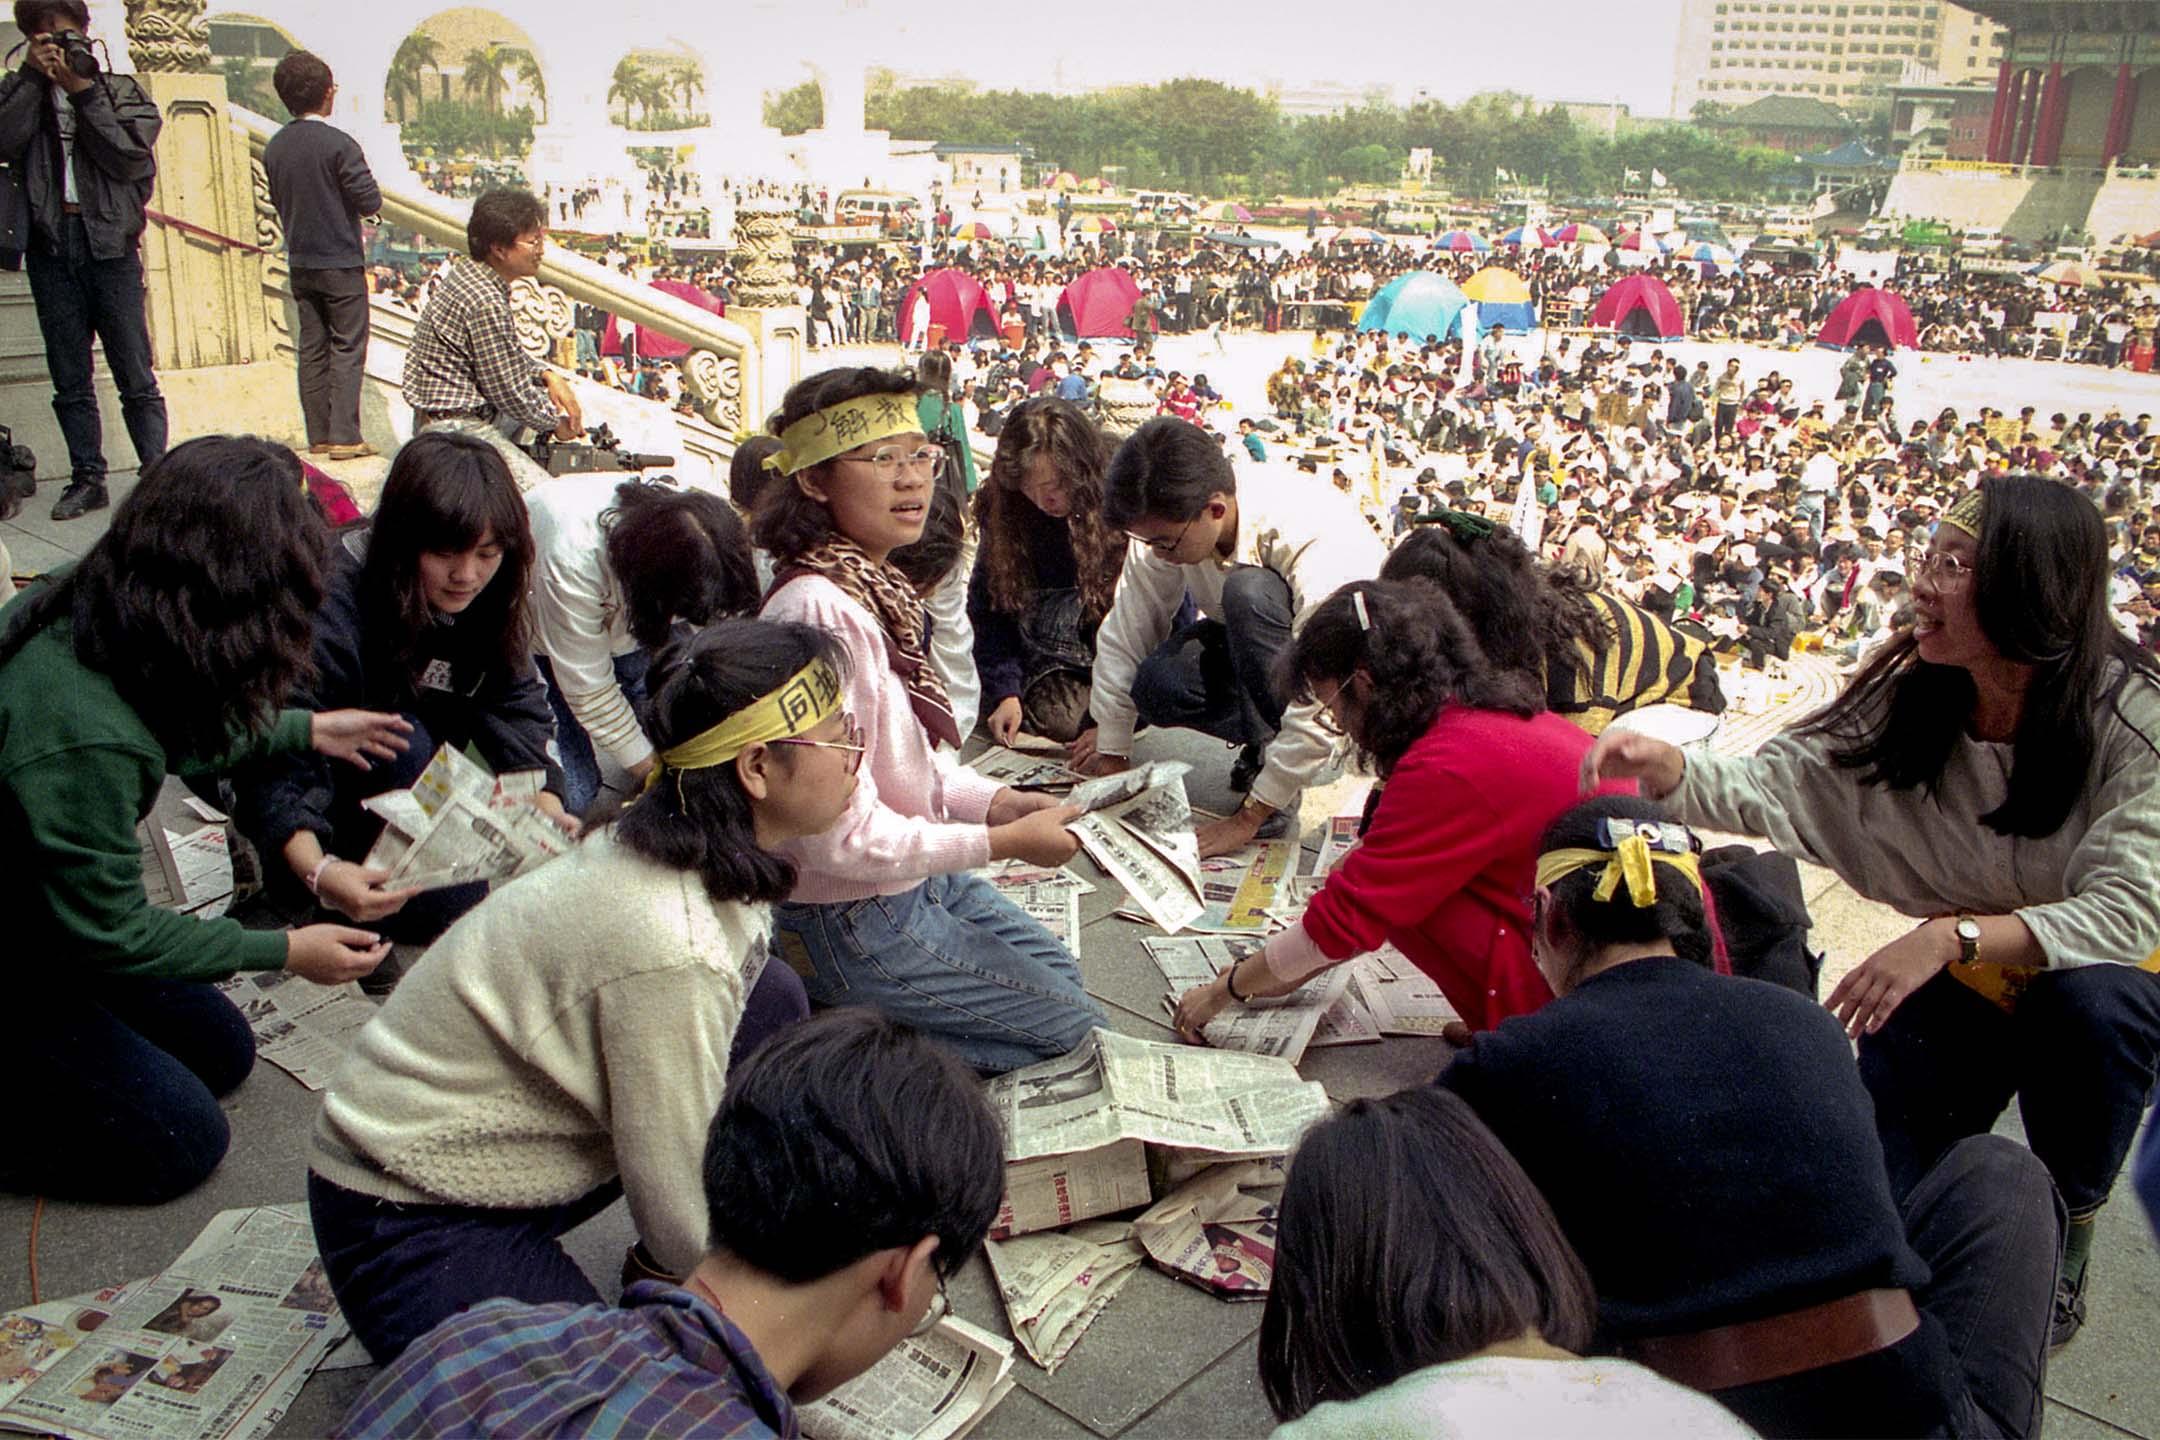 1990年3月20日上午陽光普照,野百合學運學生在中正紀念堂廣場上的情況,他們靜坐並用報紙製作帽子遮太陽。 攝:郭日曉/中央社